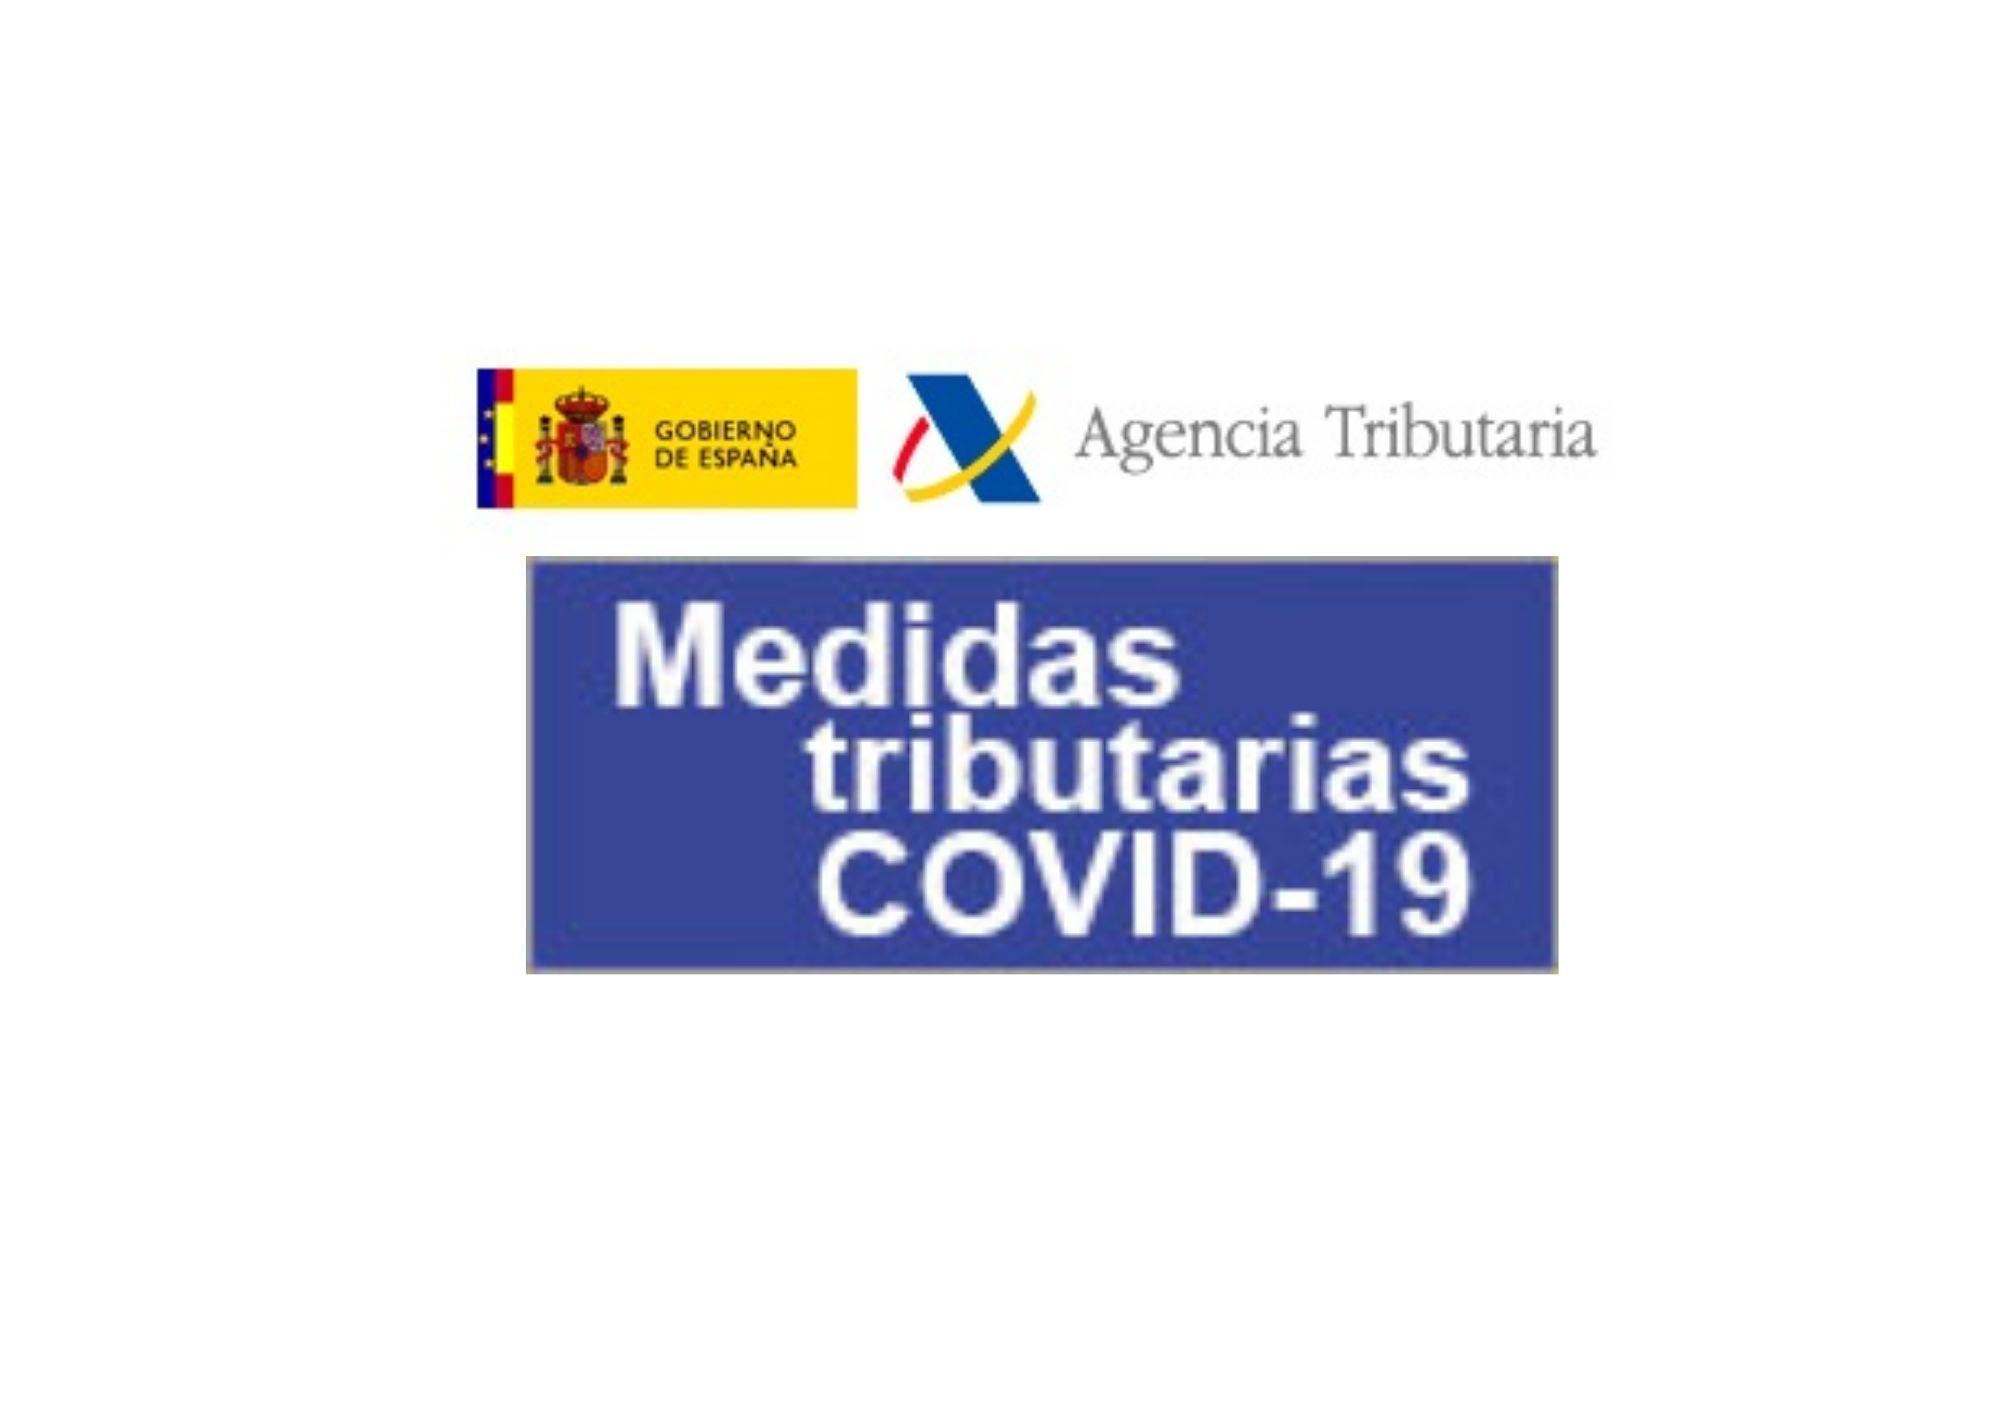 MEDIDAS TRIBUTARIAS COVID-19